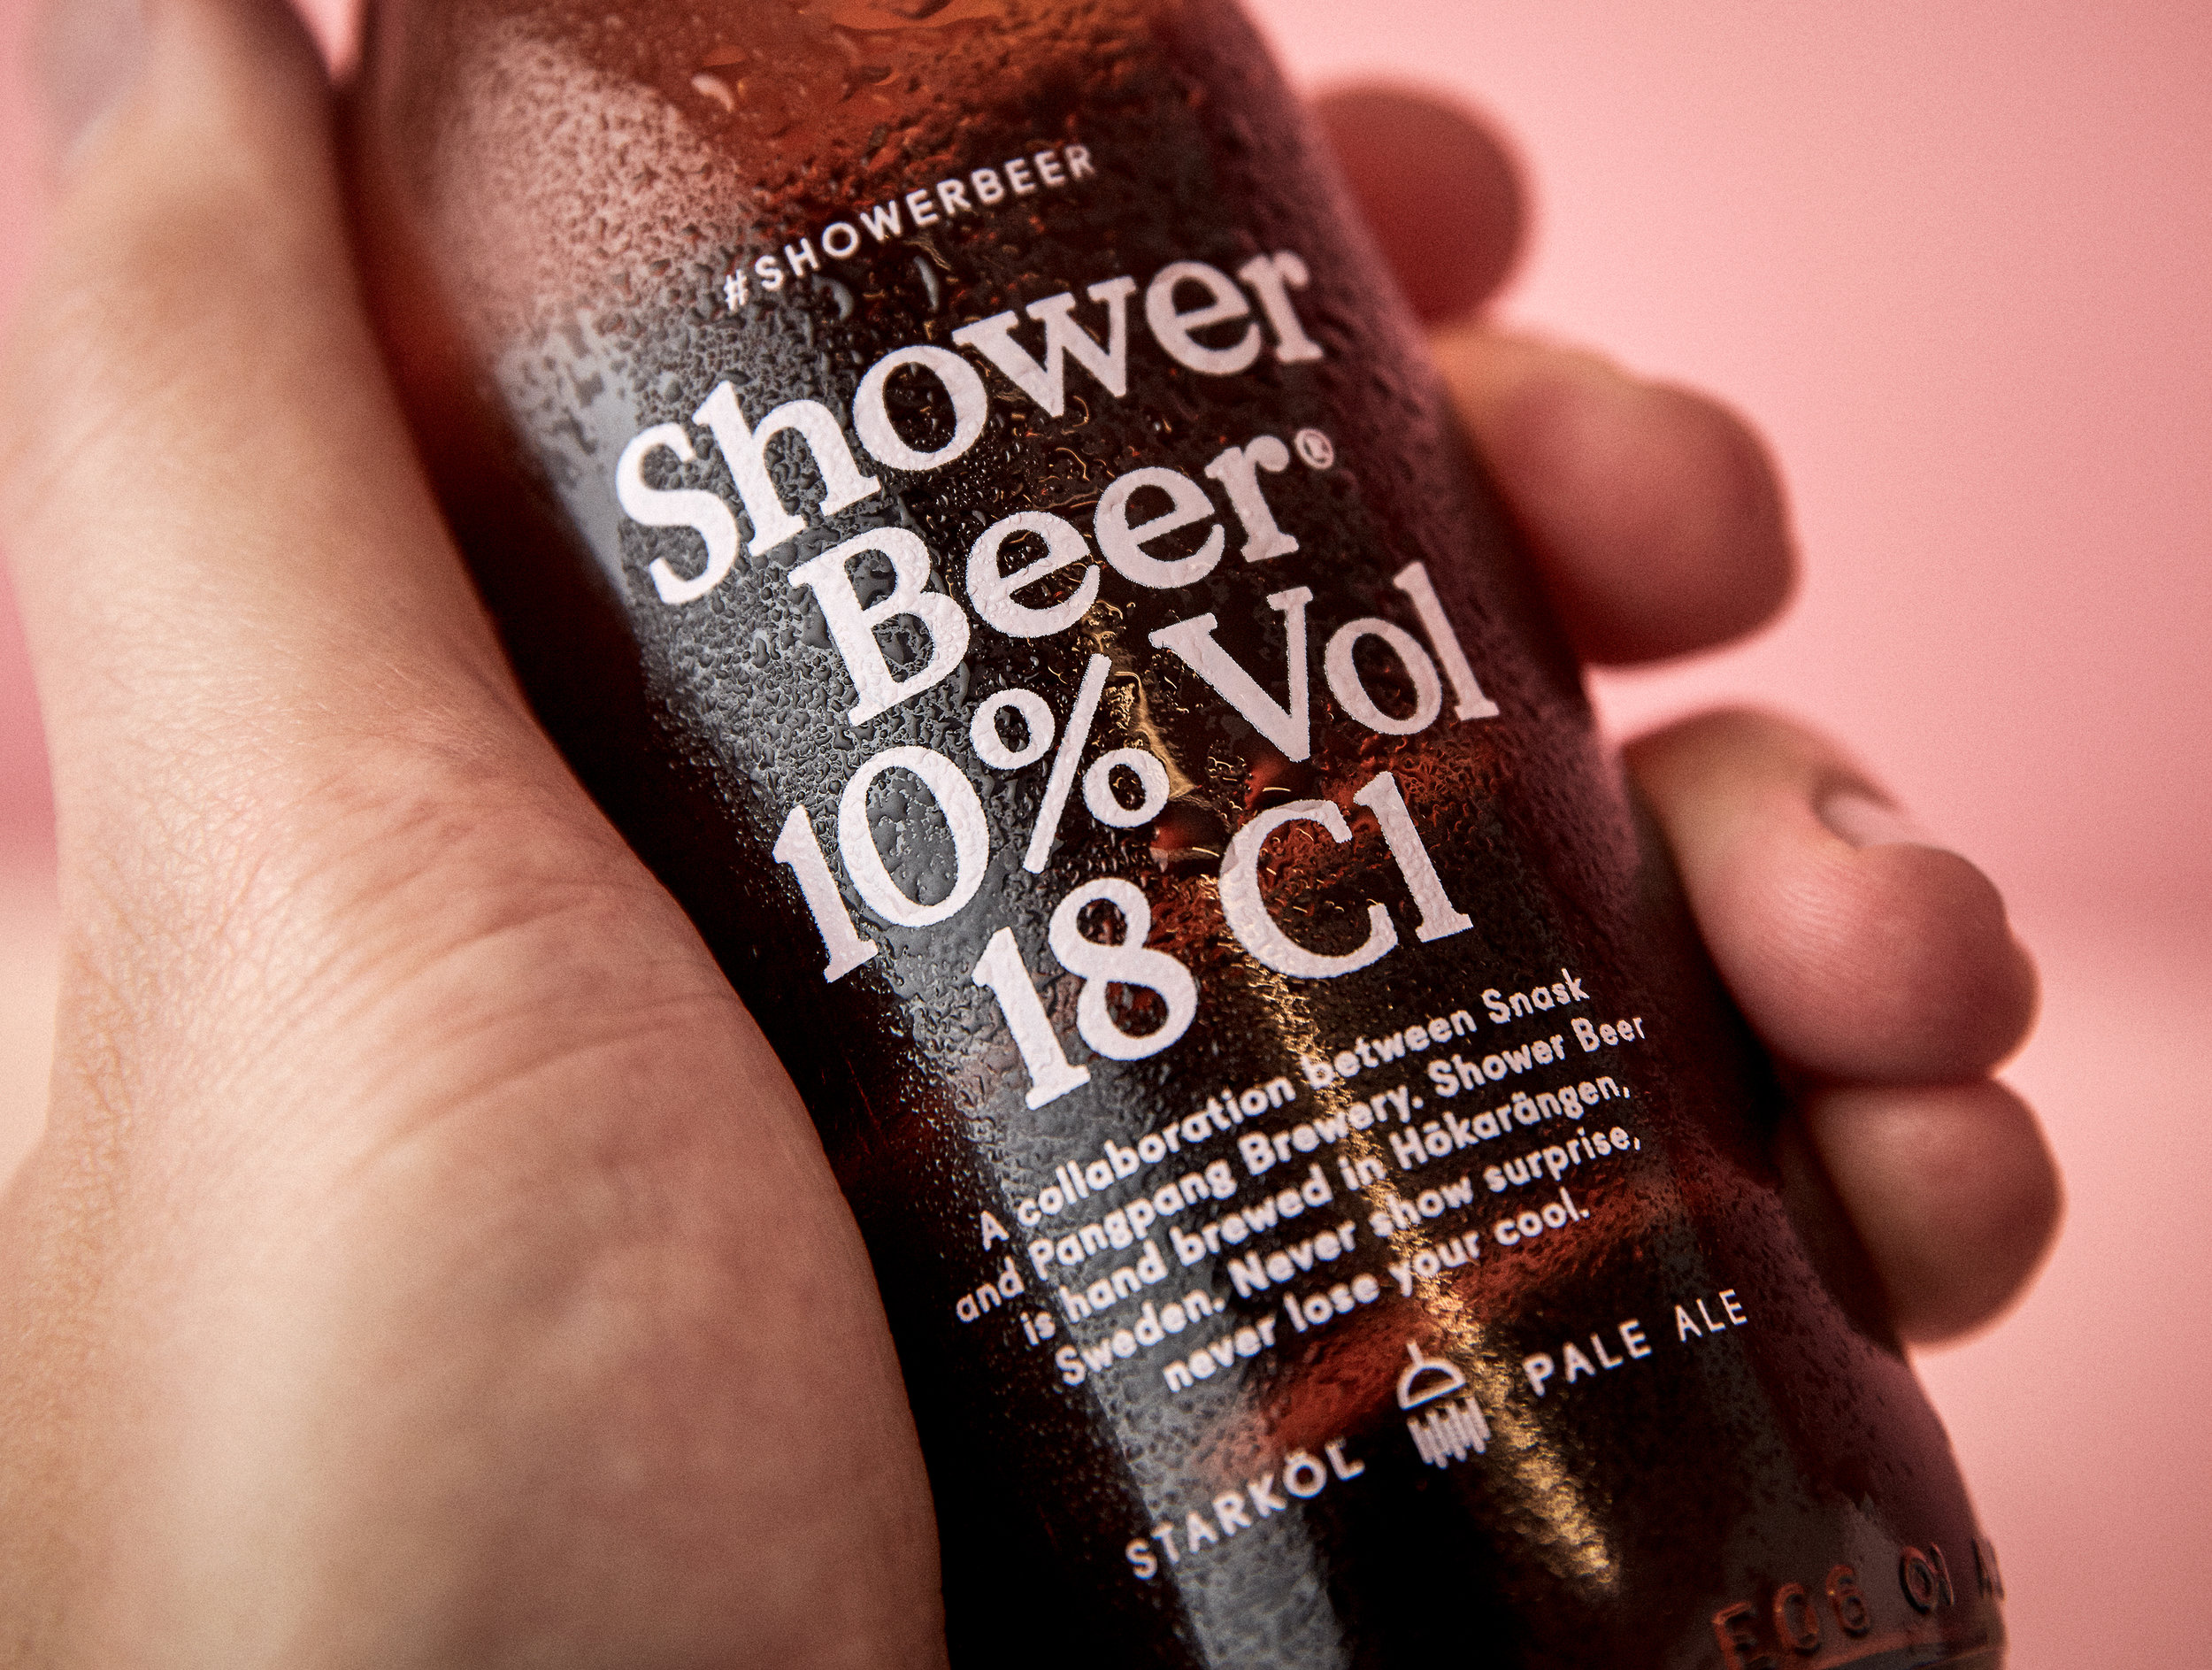 shower-beer_07_hand-holding-bottle_close-up.jpg